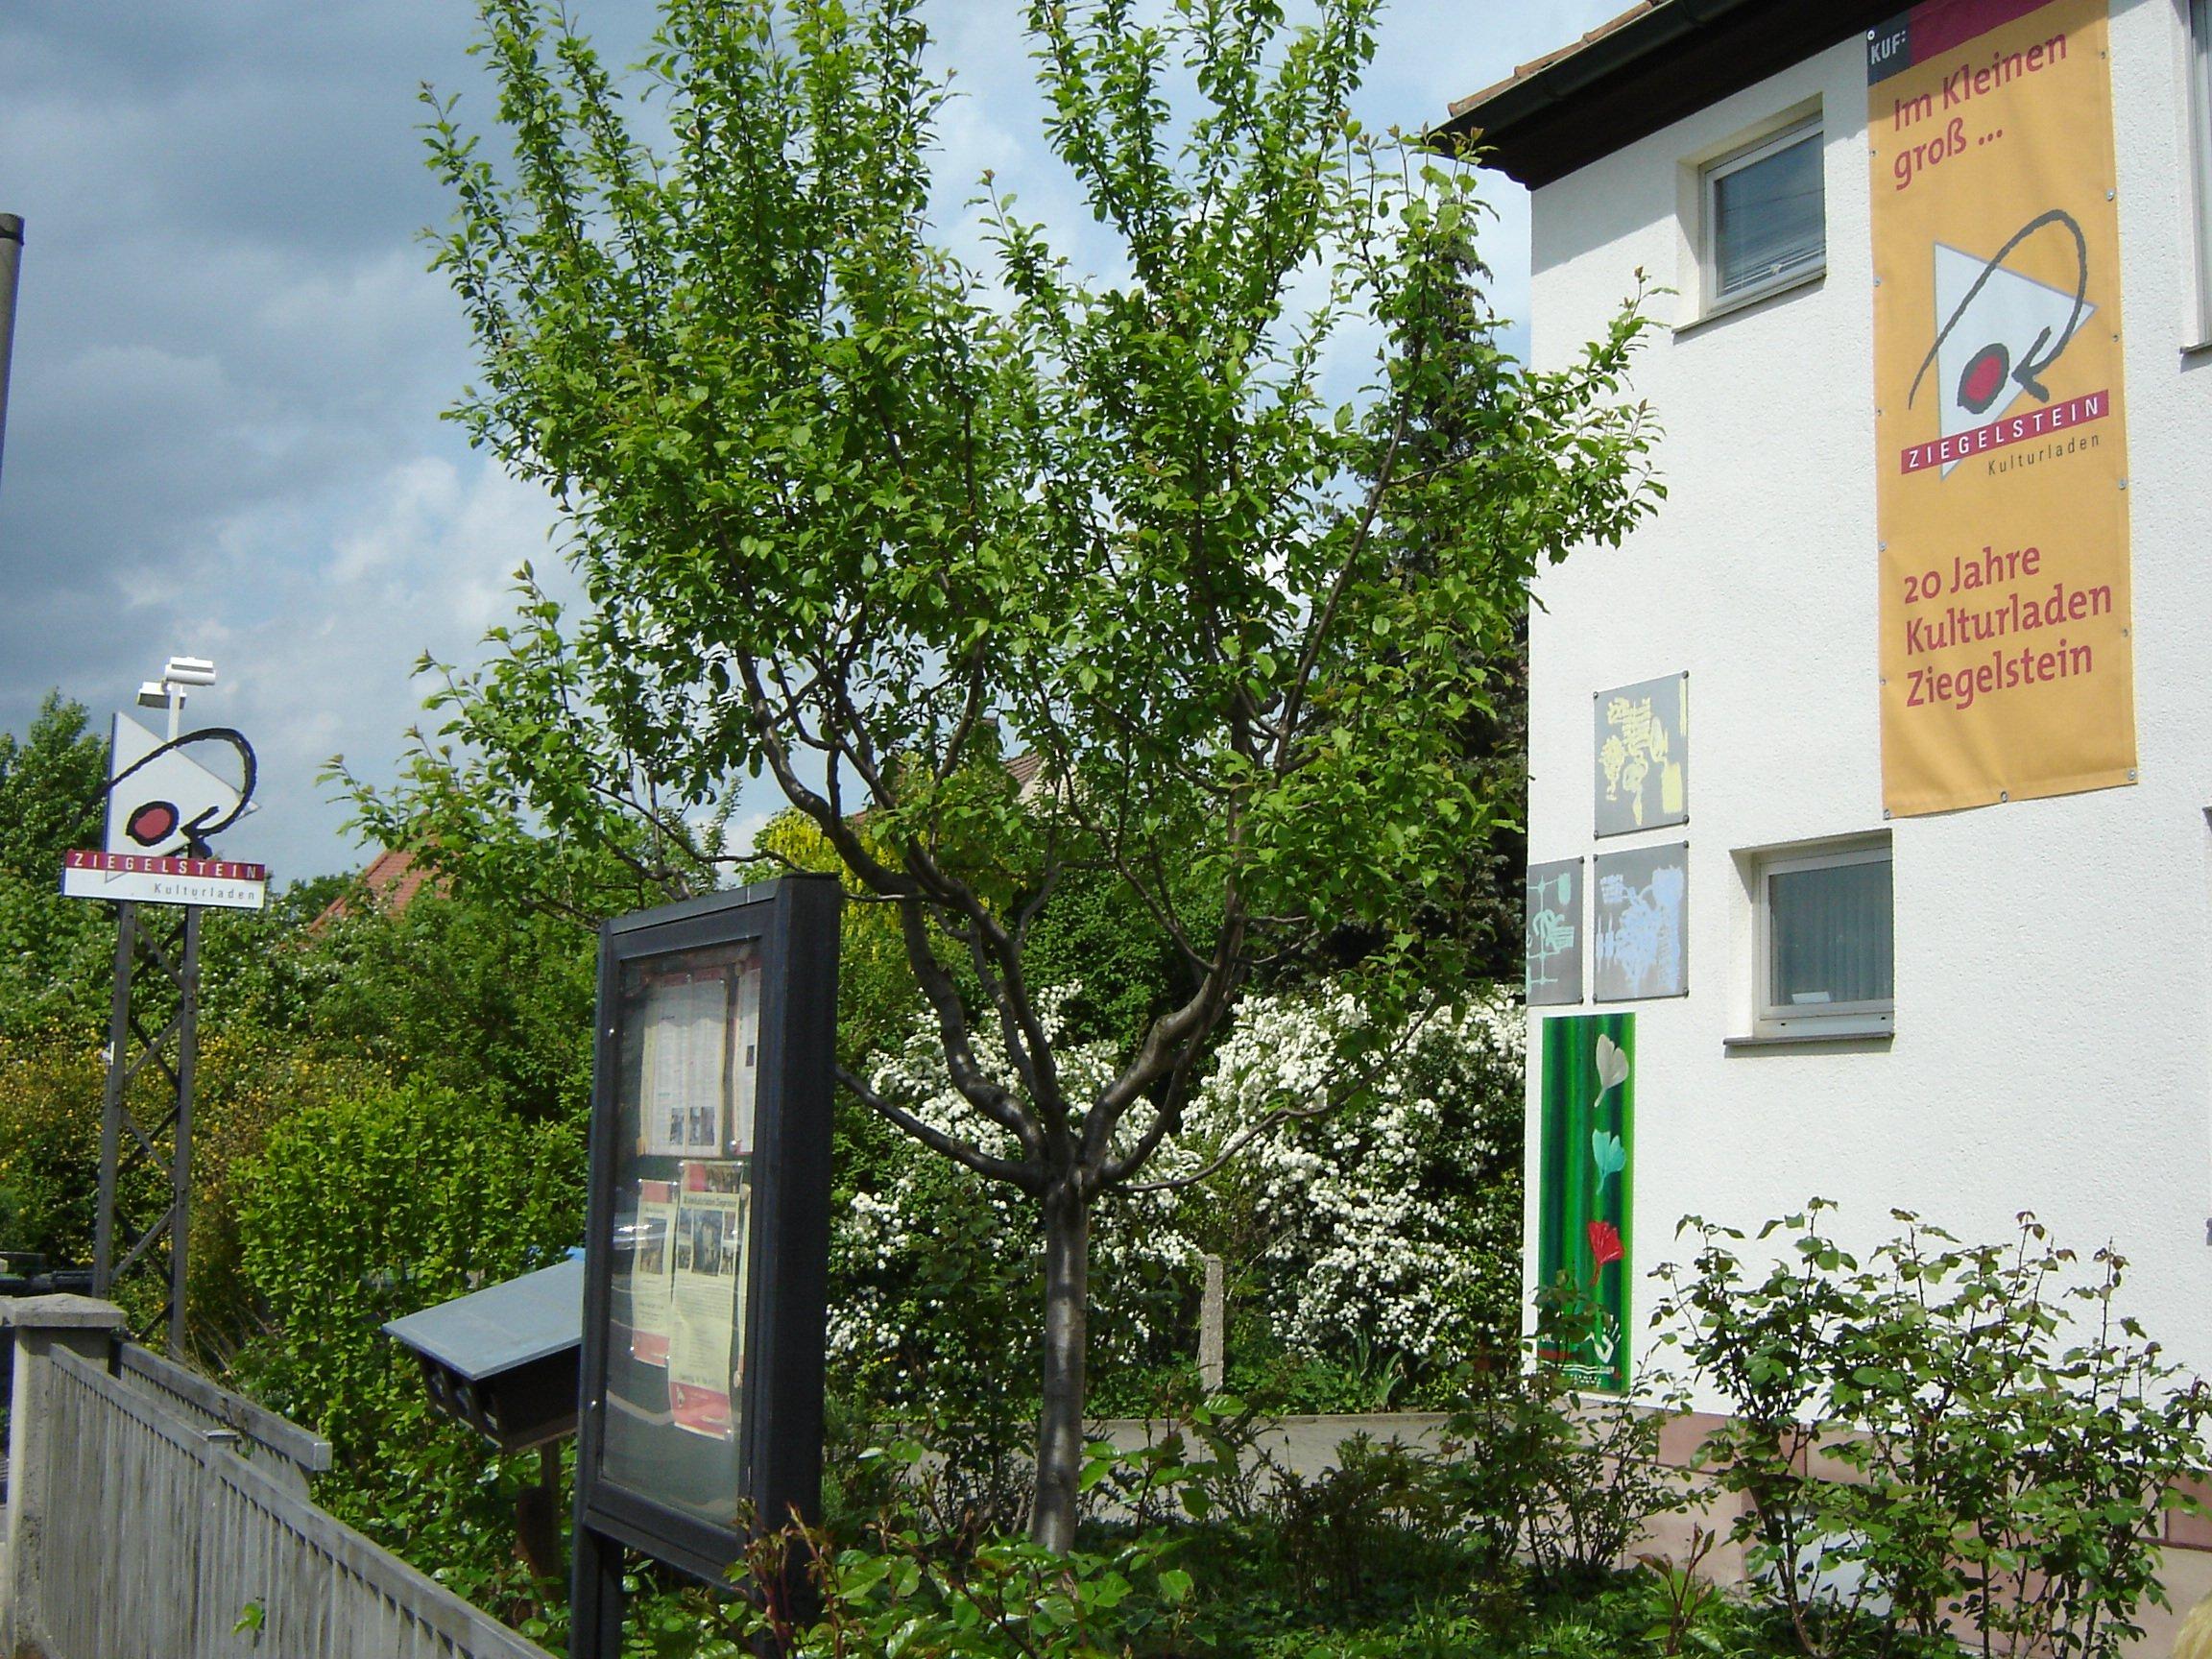 """Café Litfaßsäule: """"Literarisches mit Lokalkolorit"""" - © Kulturladen Ziegelstein"""